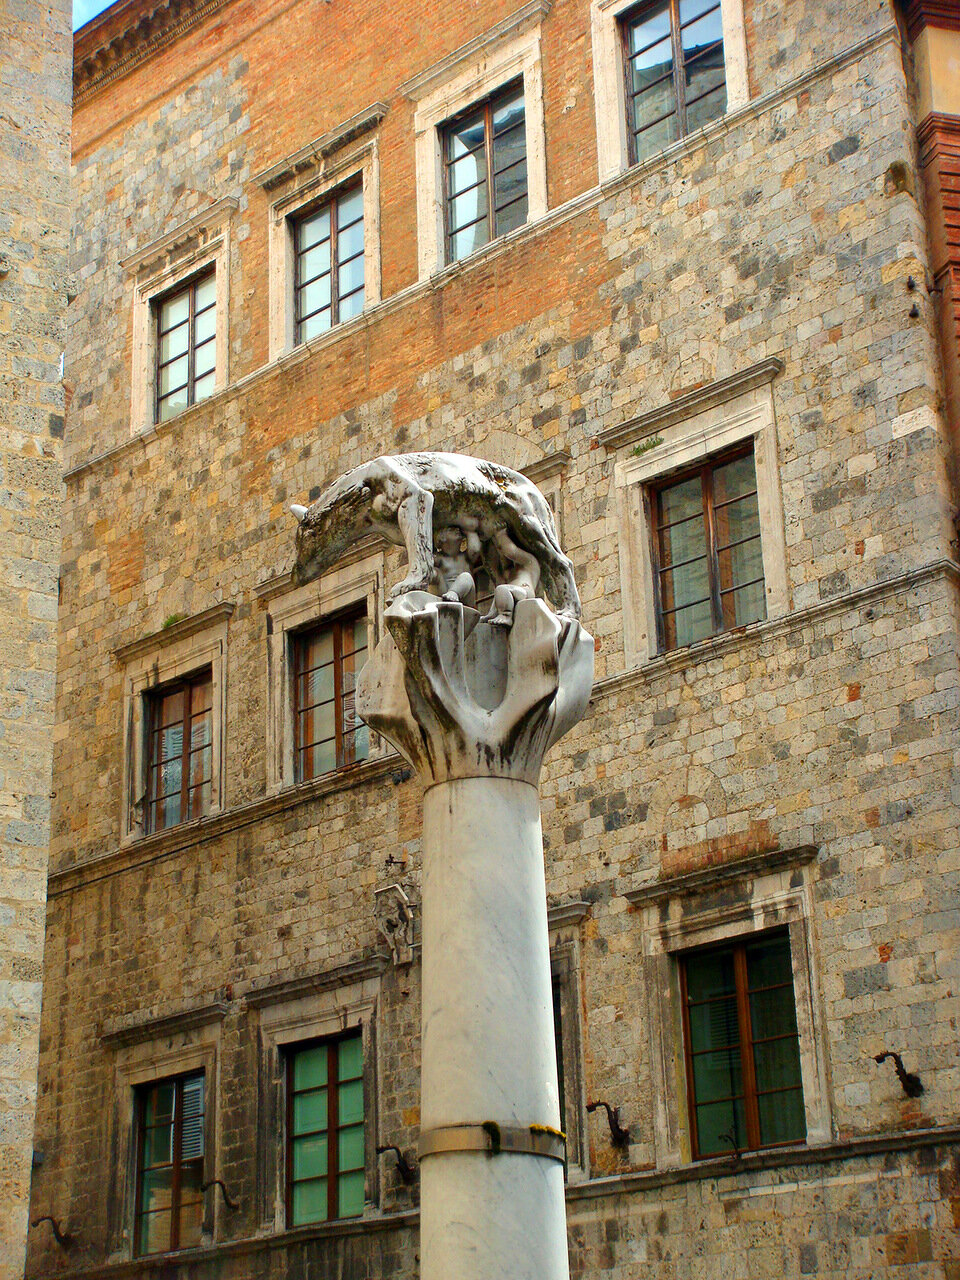 Не только в Риме и Пизе есть волчицы, но и в Сиене тоже - в контраде Волчица (Lupa)